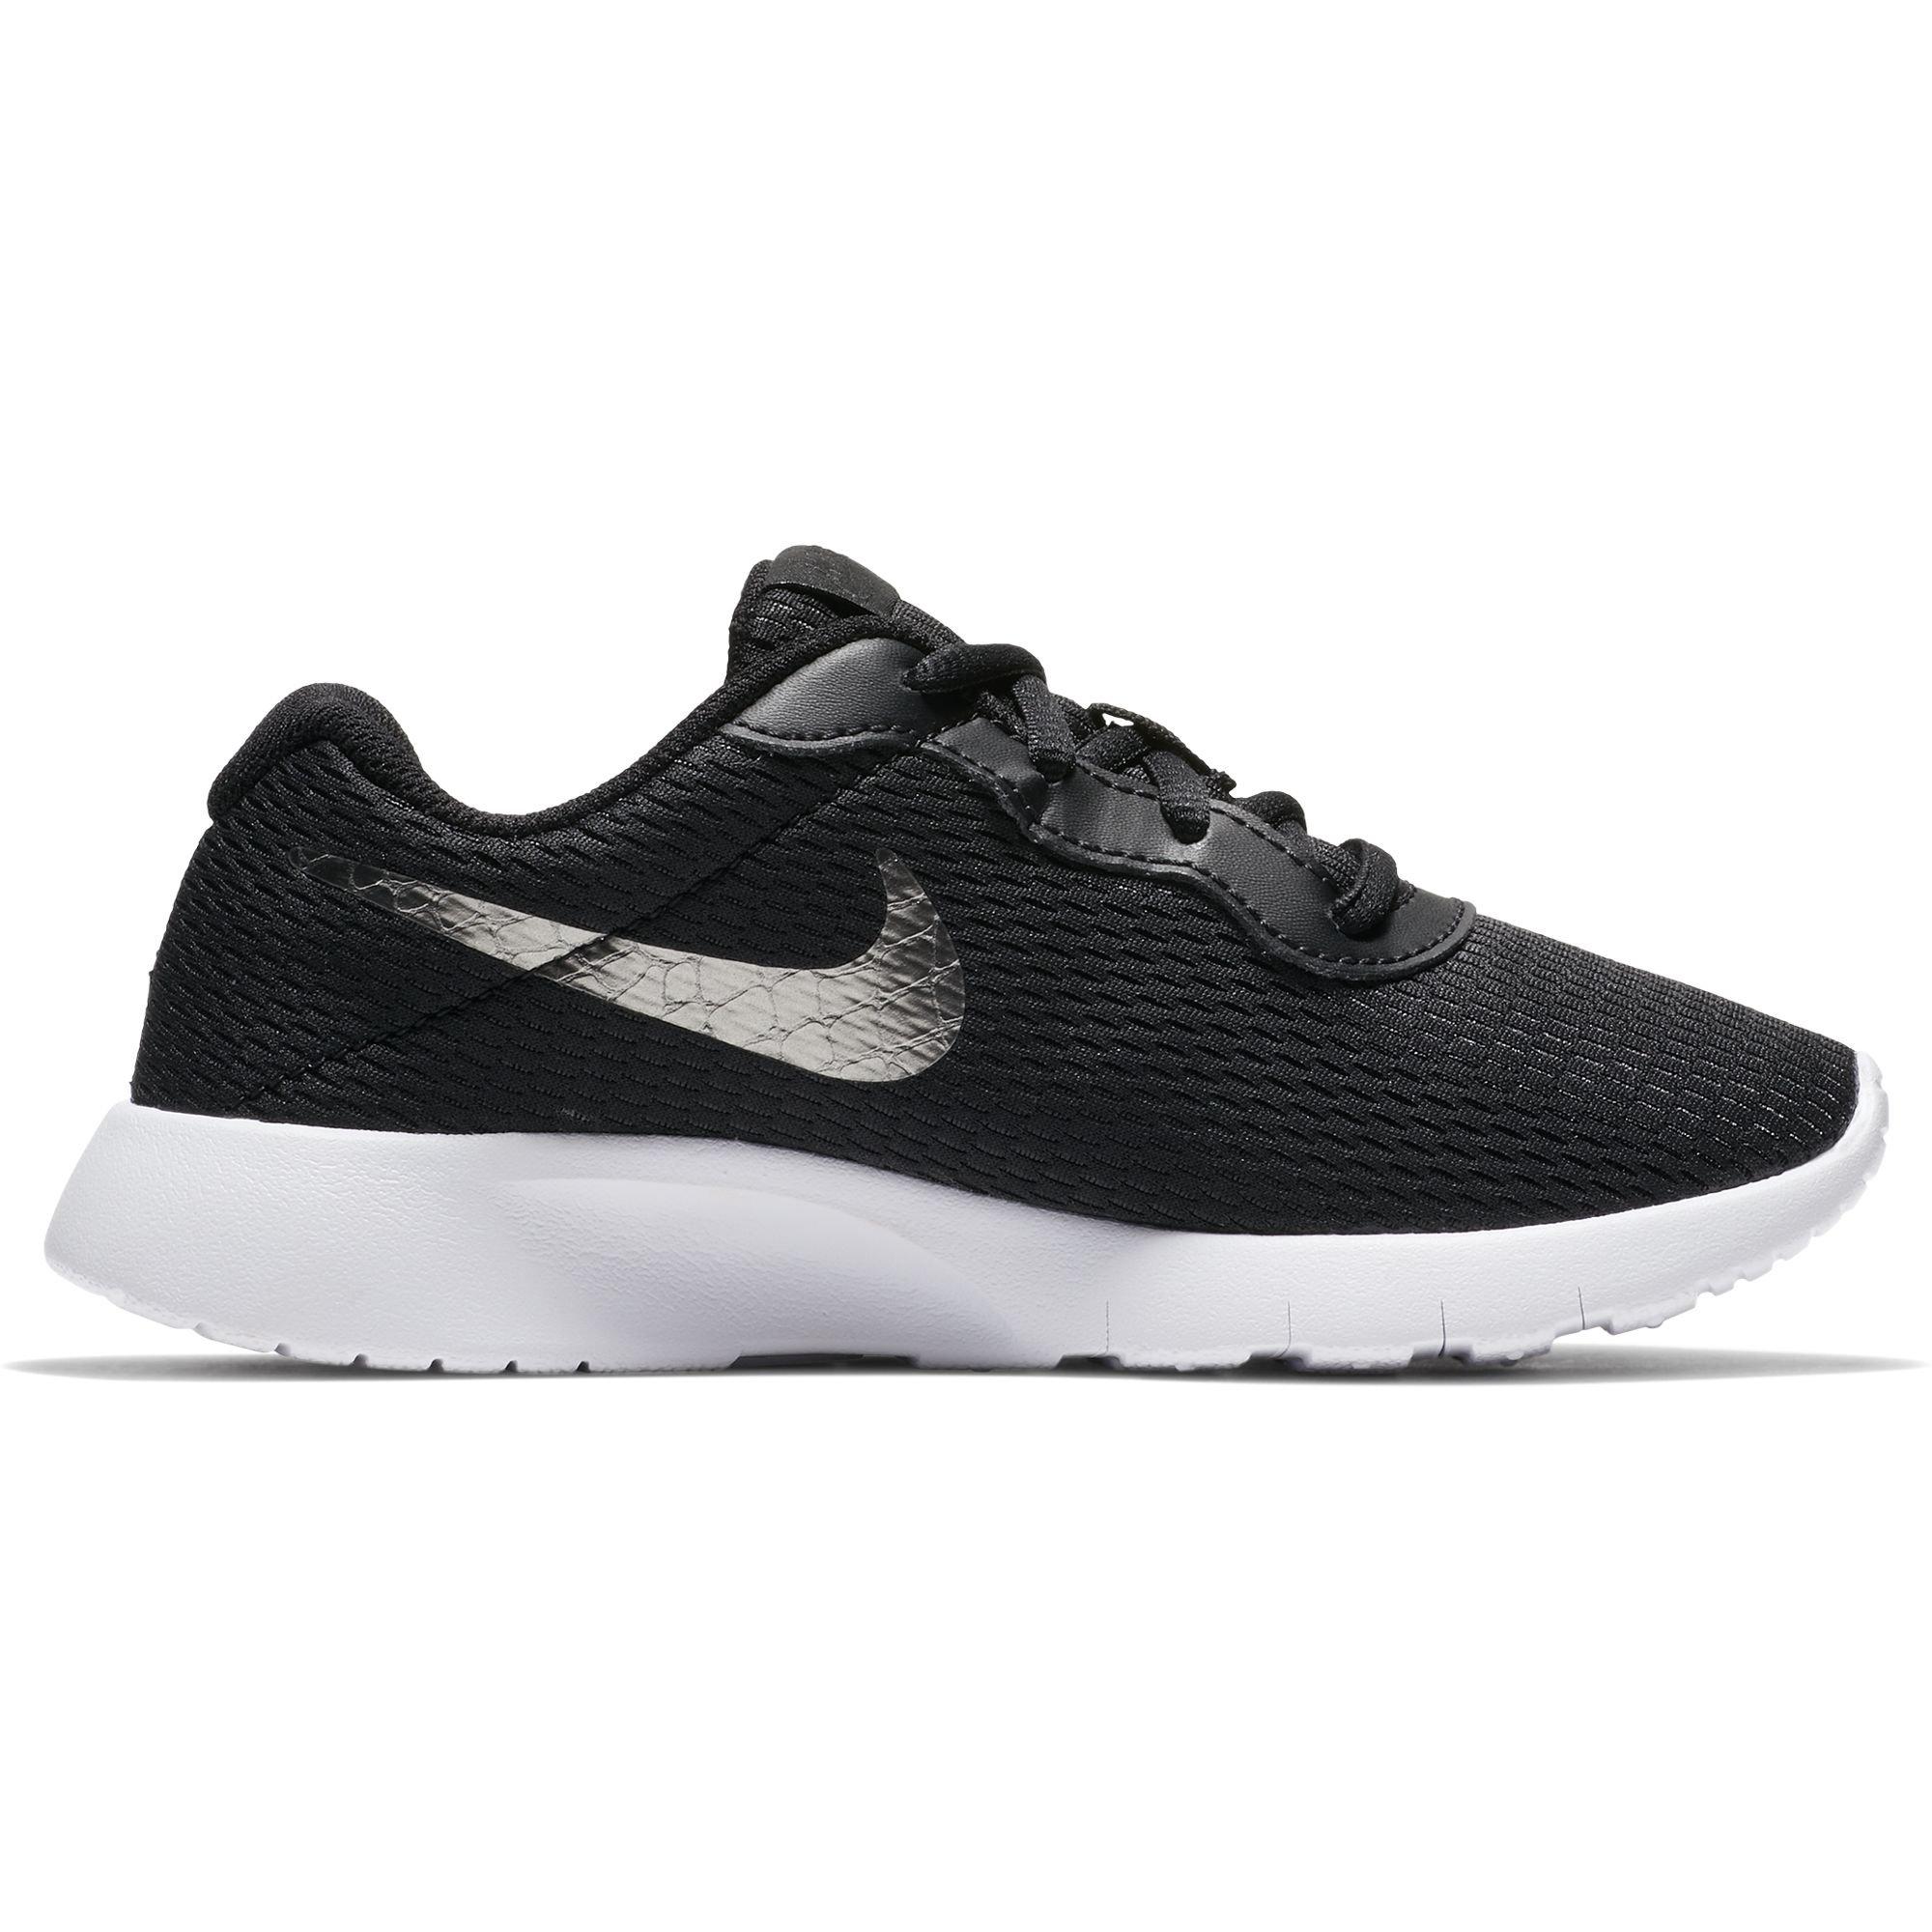 Nike Boy's Tanjun Shoe Black/Metallic Pewter/White Size 1 M US